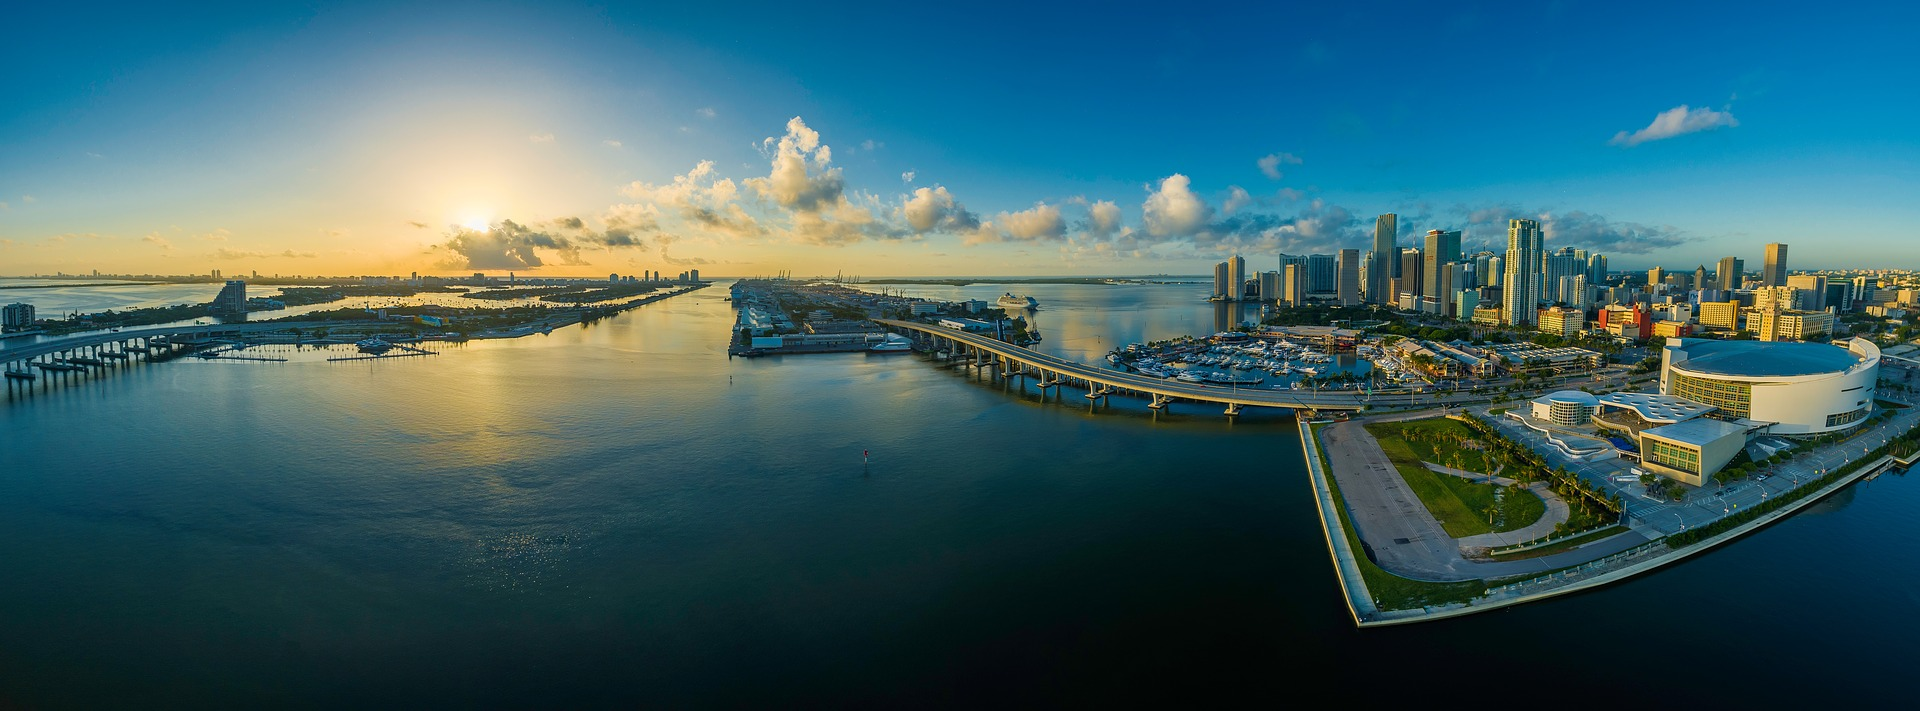 O cenário sedutor de Miami